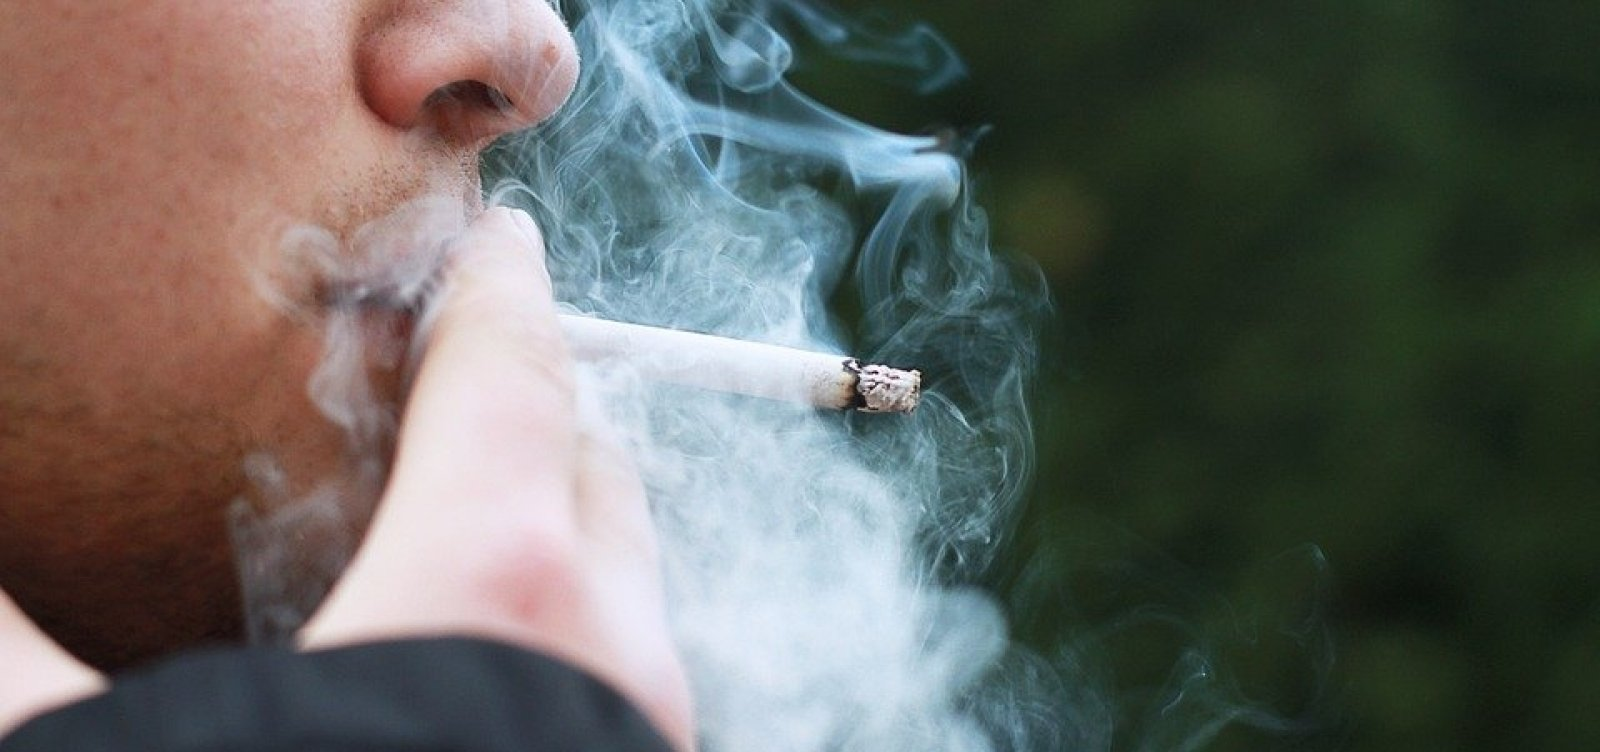 [Medidas antitabaco diminuíram numero de fumantes em 40% no Brasil]